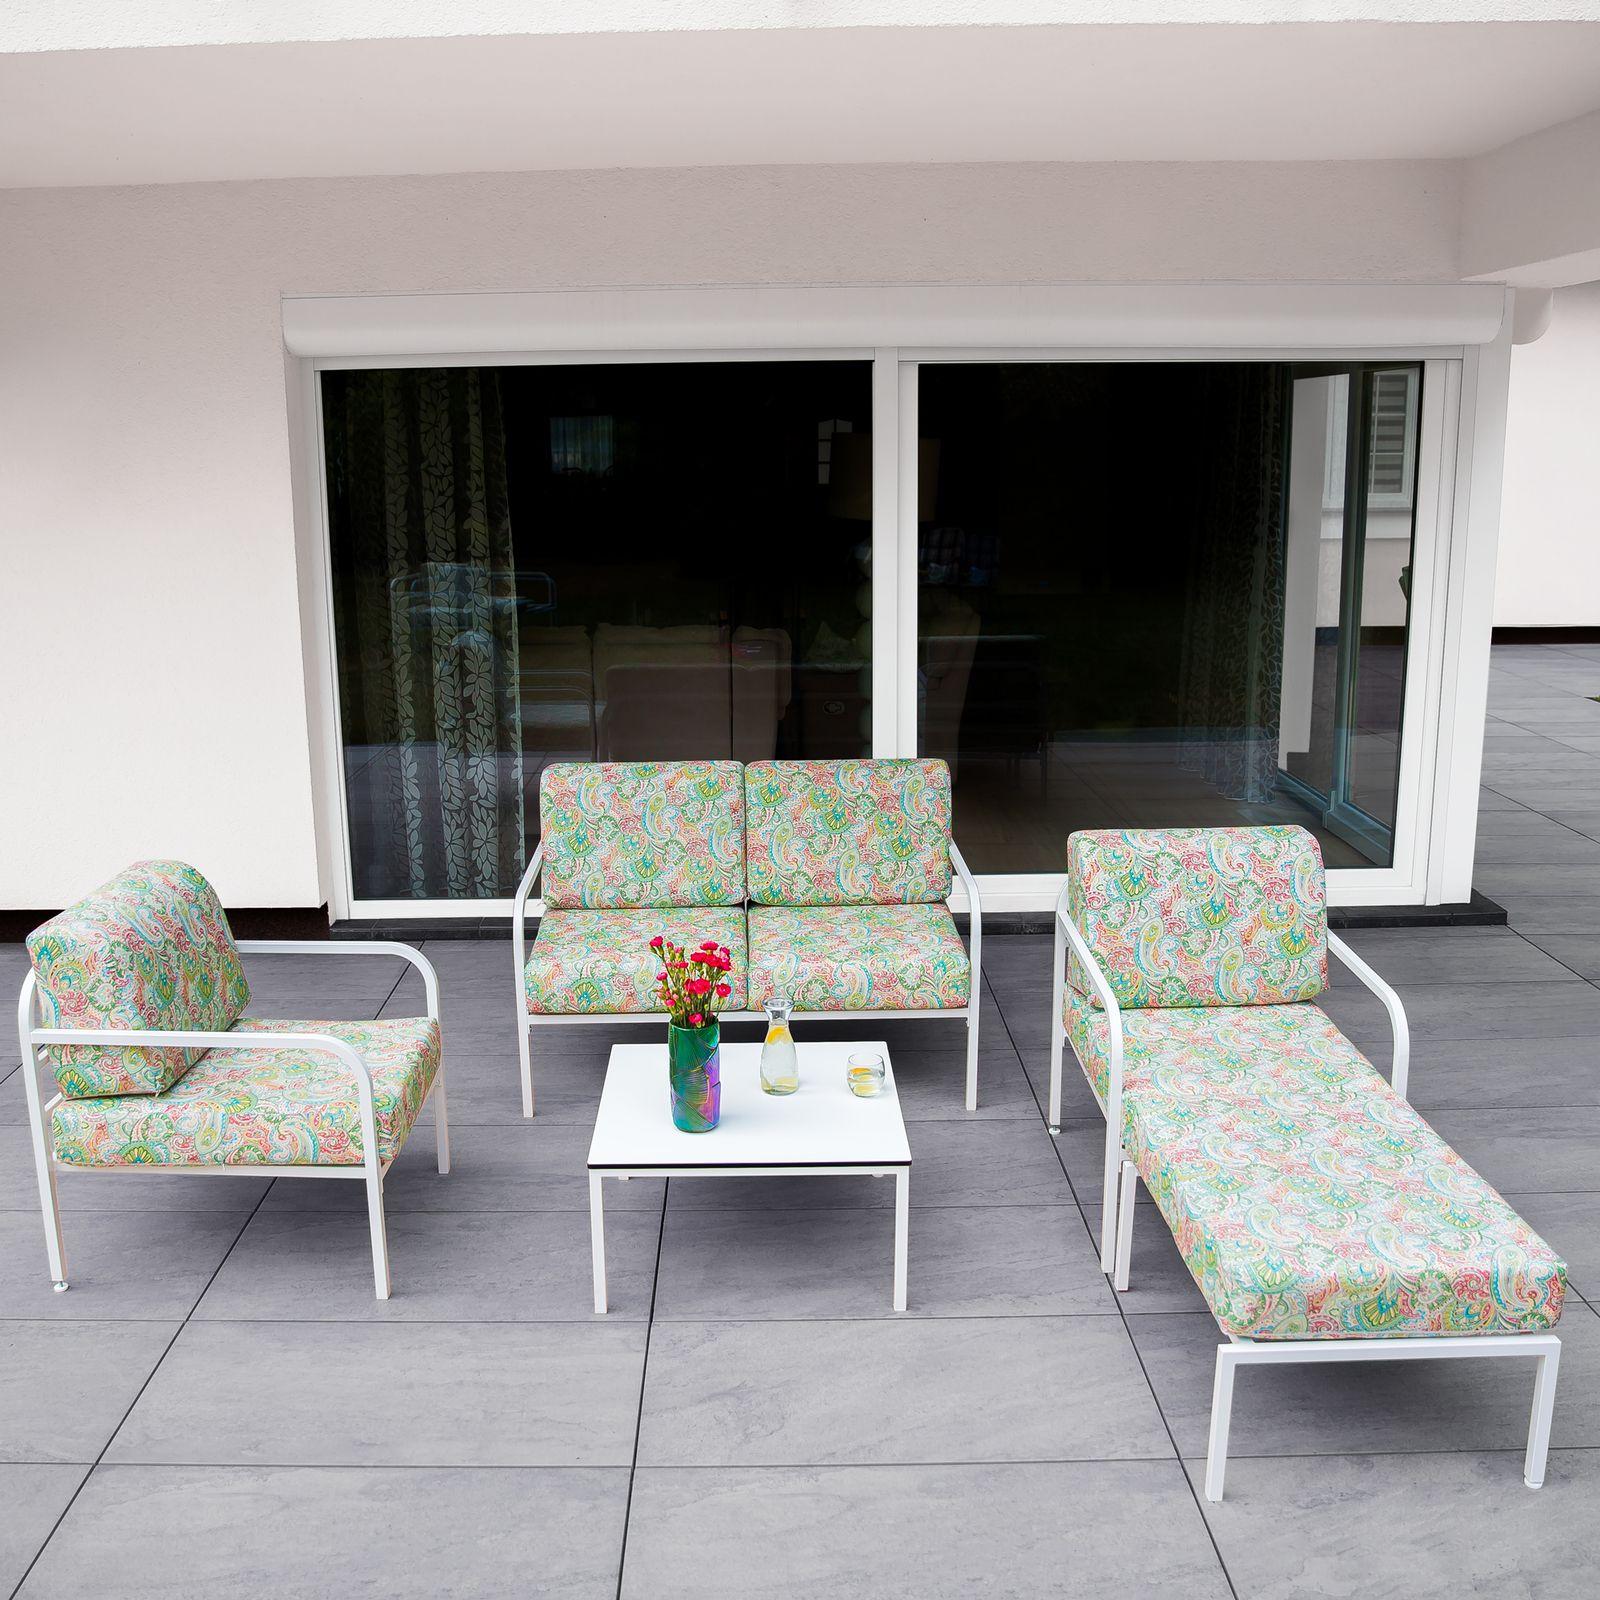 Sofa 2-osobowa Agat 125 x 77 x 74 cm G038-12LB PATIO